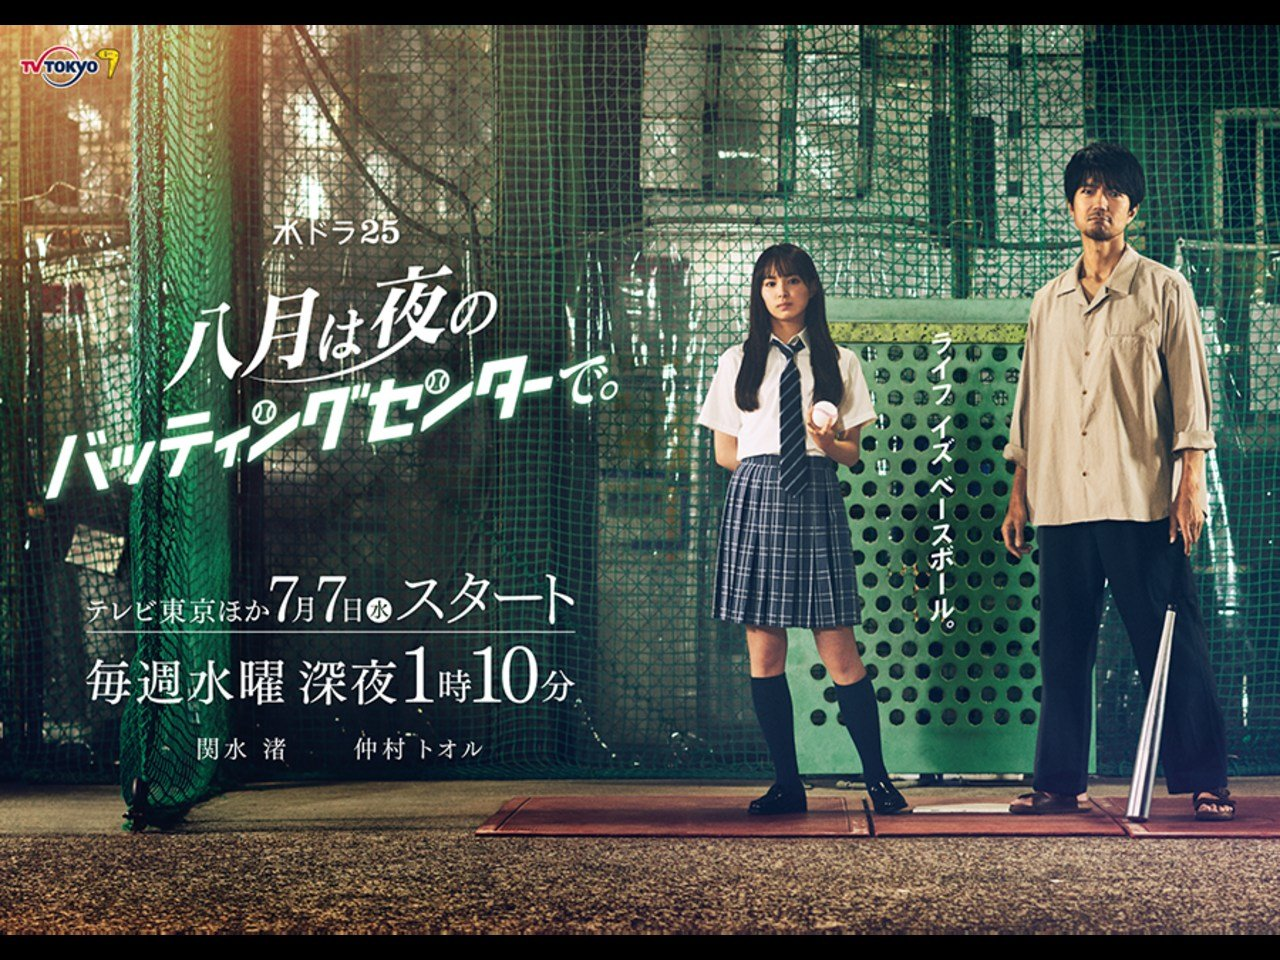 新感覚ベースボール・ヒューマンドラマ『八月は夜のバッティングセンターで。』放送決定!